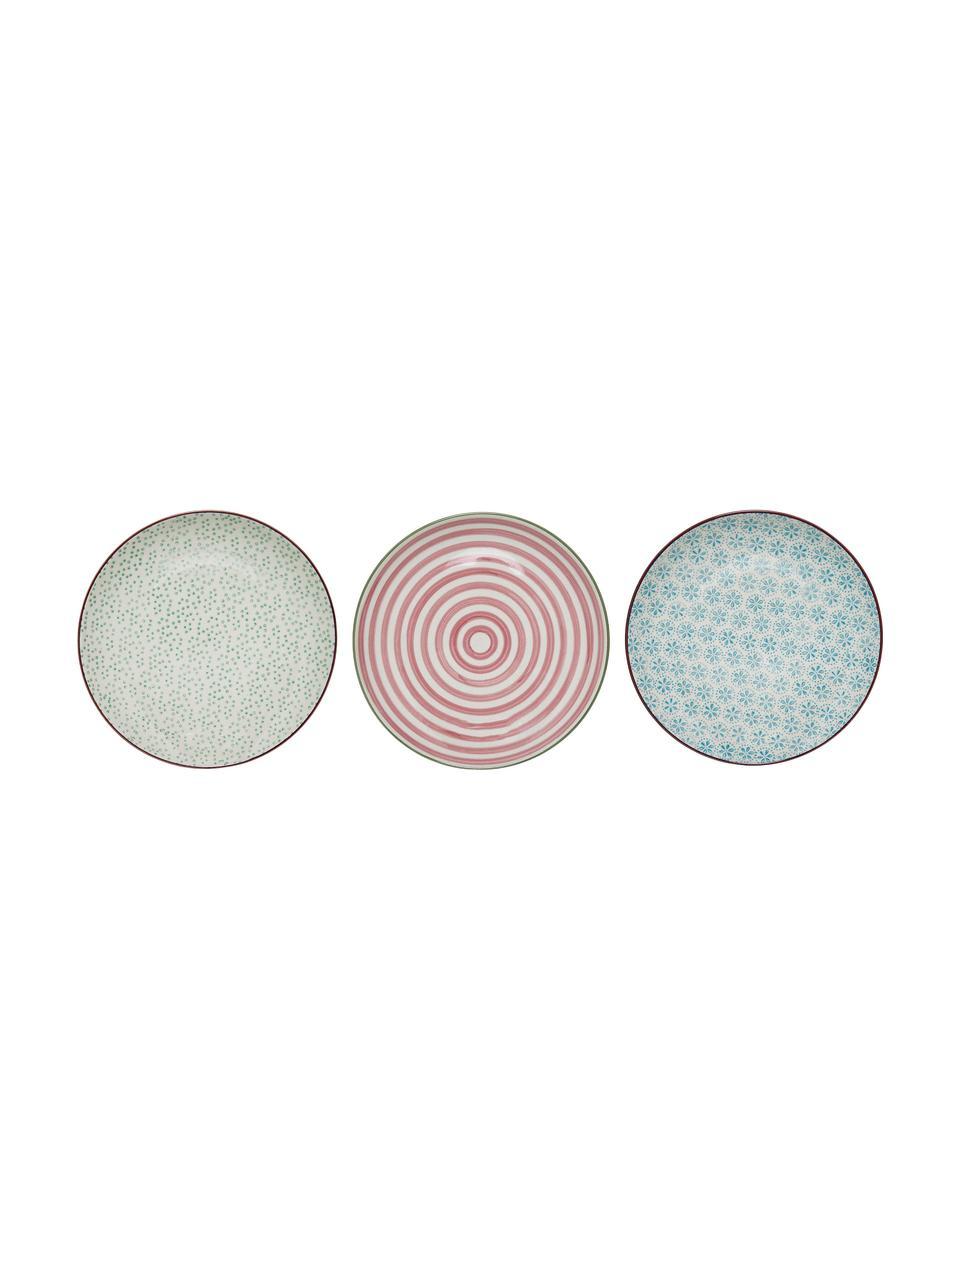 Handbemalte Frühstücksteller Patrizia mit verspieltem Muster, 3er-Set, Steingut, Weiss, Grün, Rot, Blau, Ø 20 cm